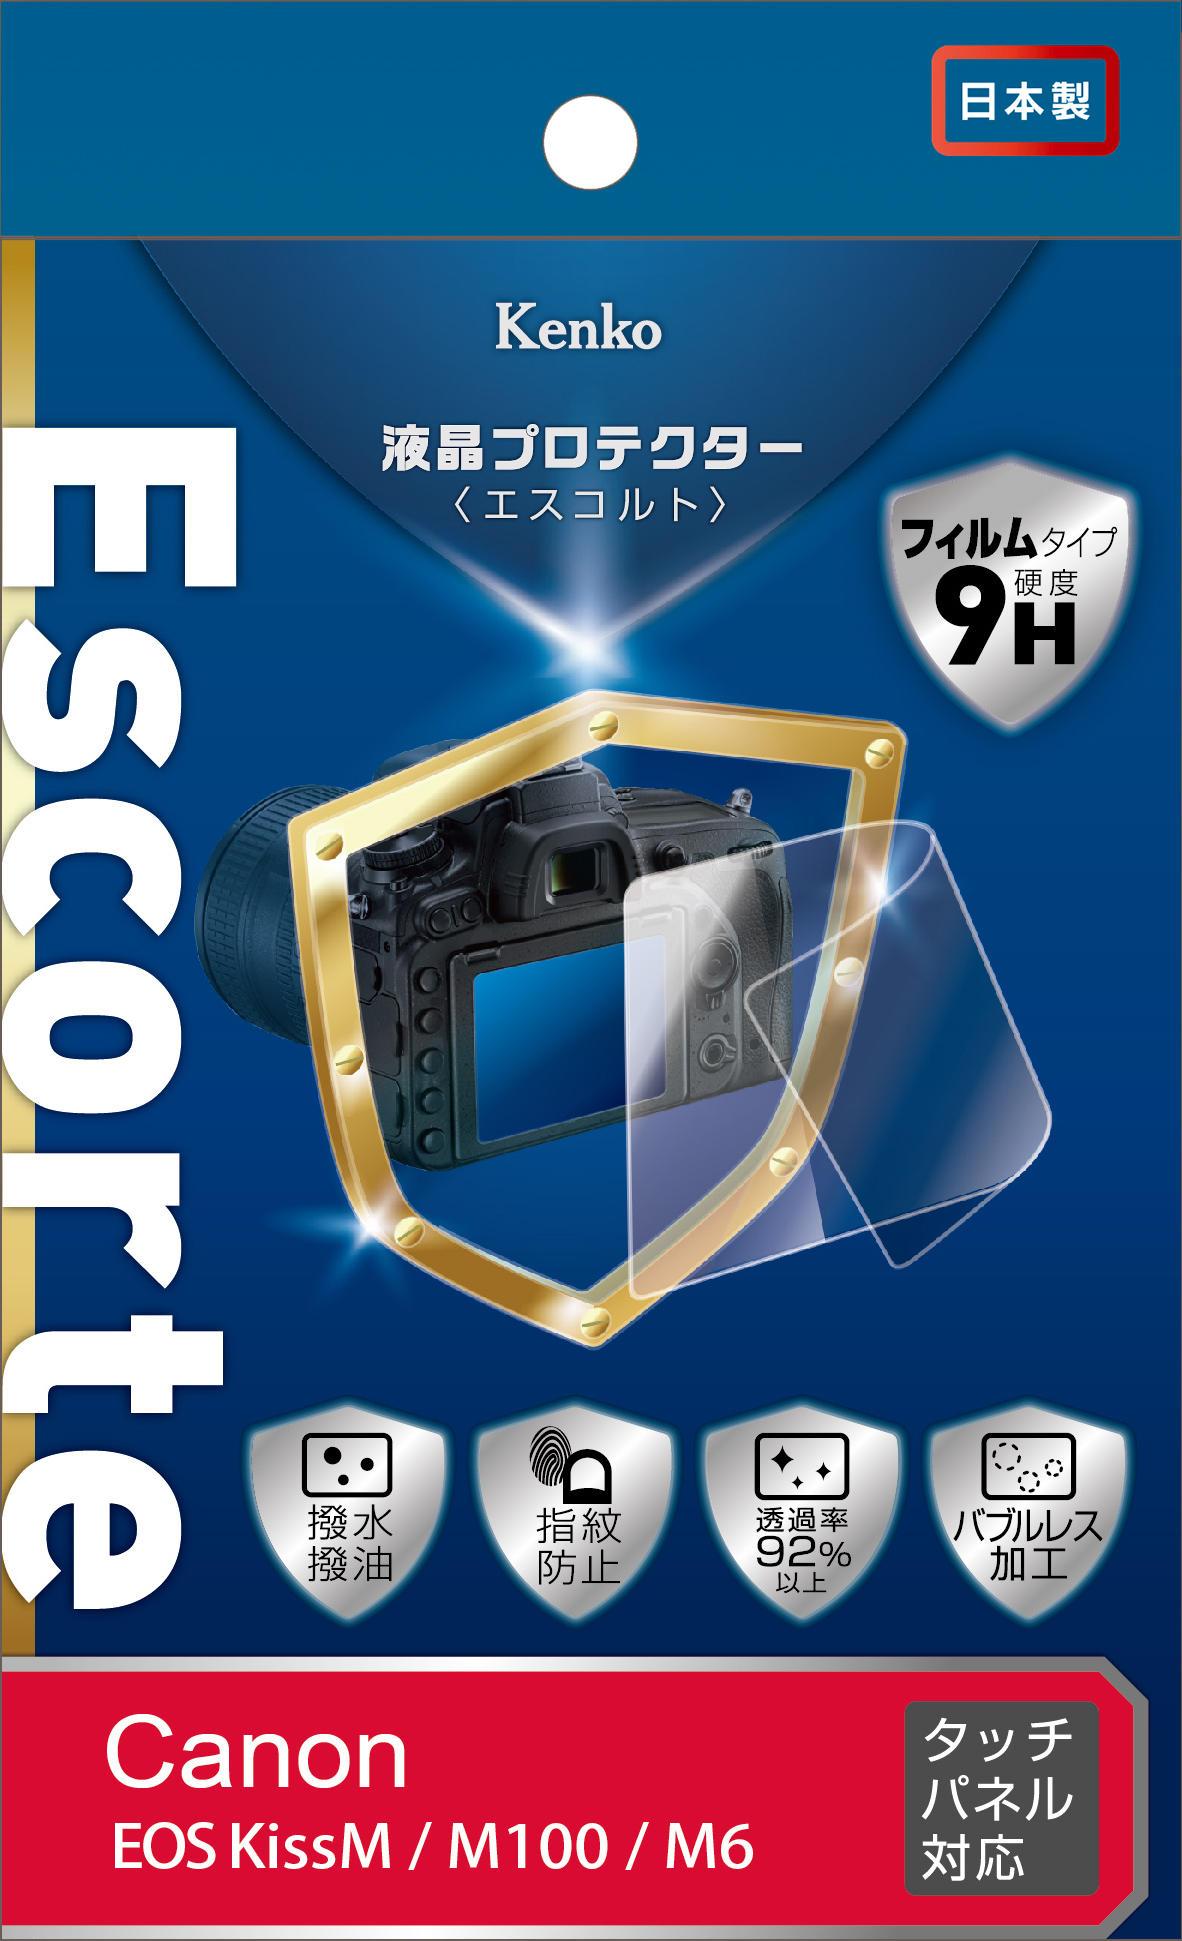 http://www.kenko-tokina.co.jp/imaging/eq/mt-images/4961607071793.jpg